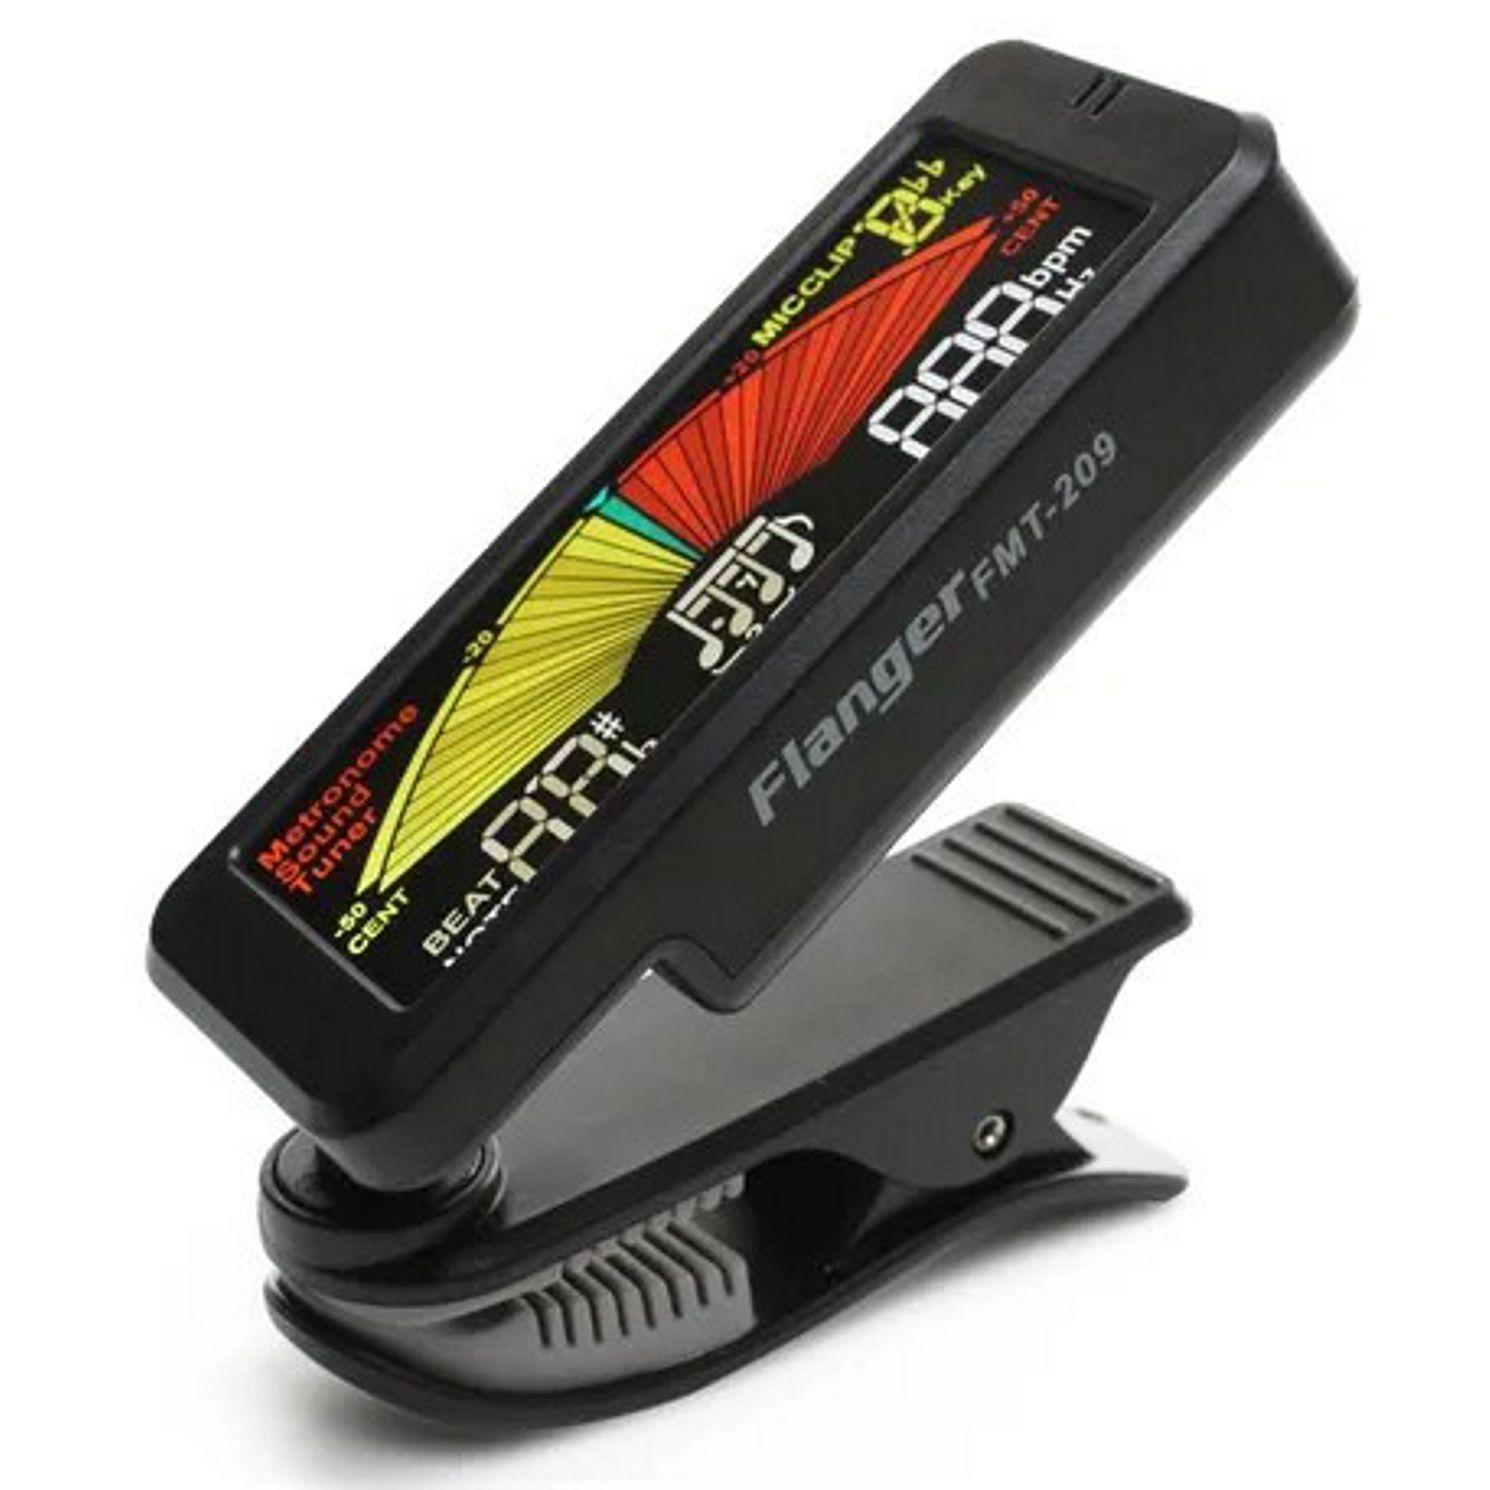 Afinador Eletronico Cromatico CLIP com Metronomo Flanger FMT-209